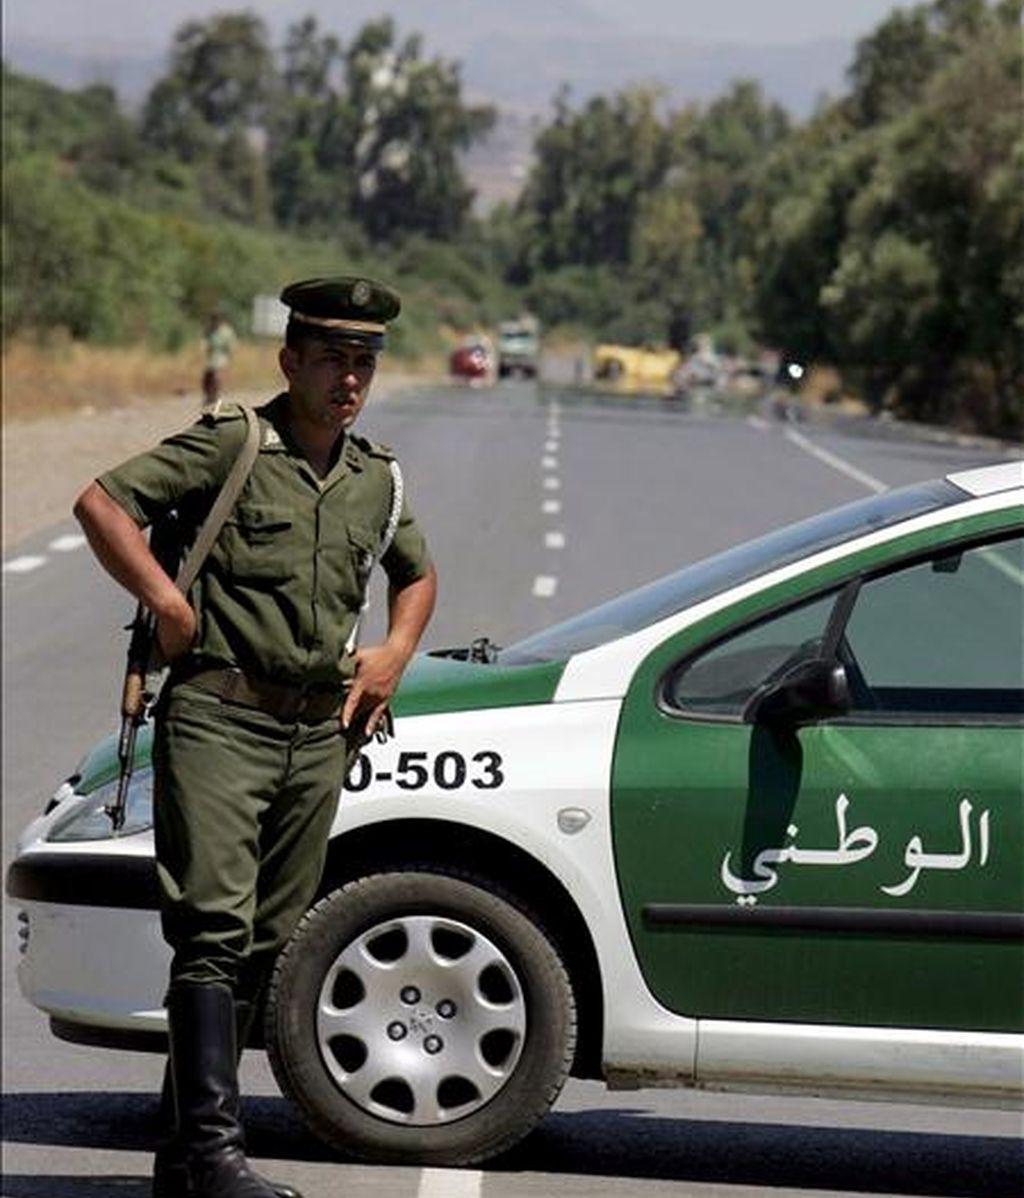 Un policía argelino monta guardia en un control de carretera cerca de Lakhdaria, 70 kms al sureste de Argel. EFE/Archivo